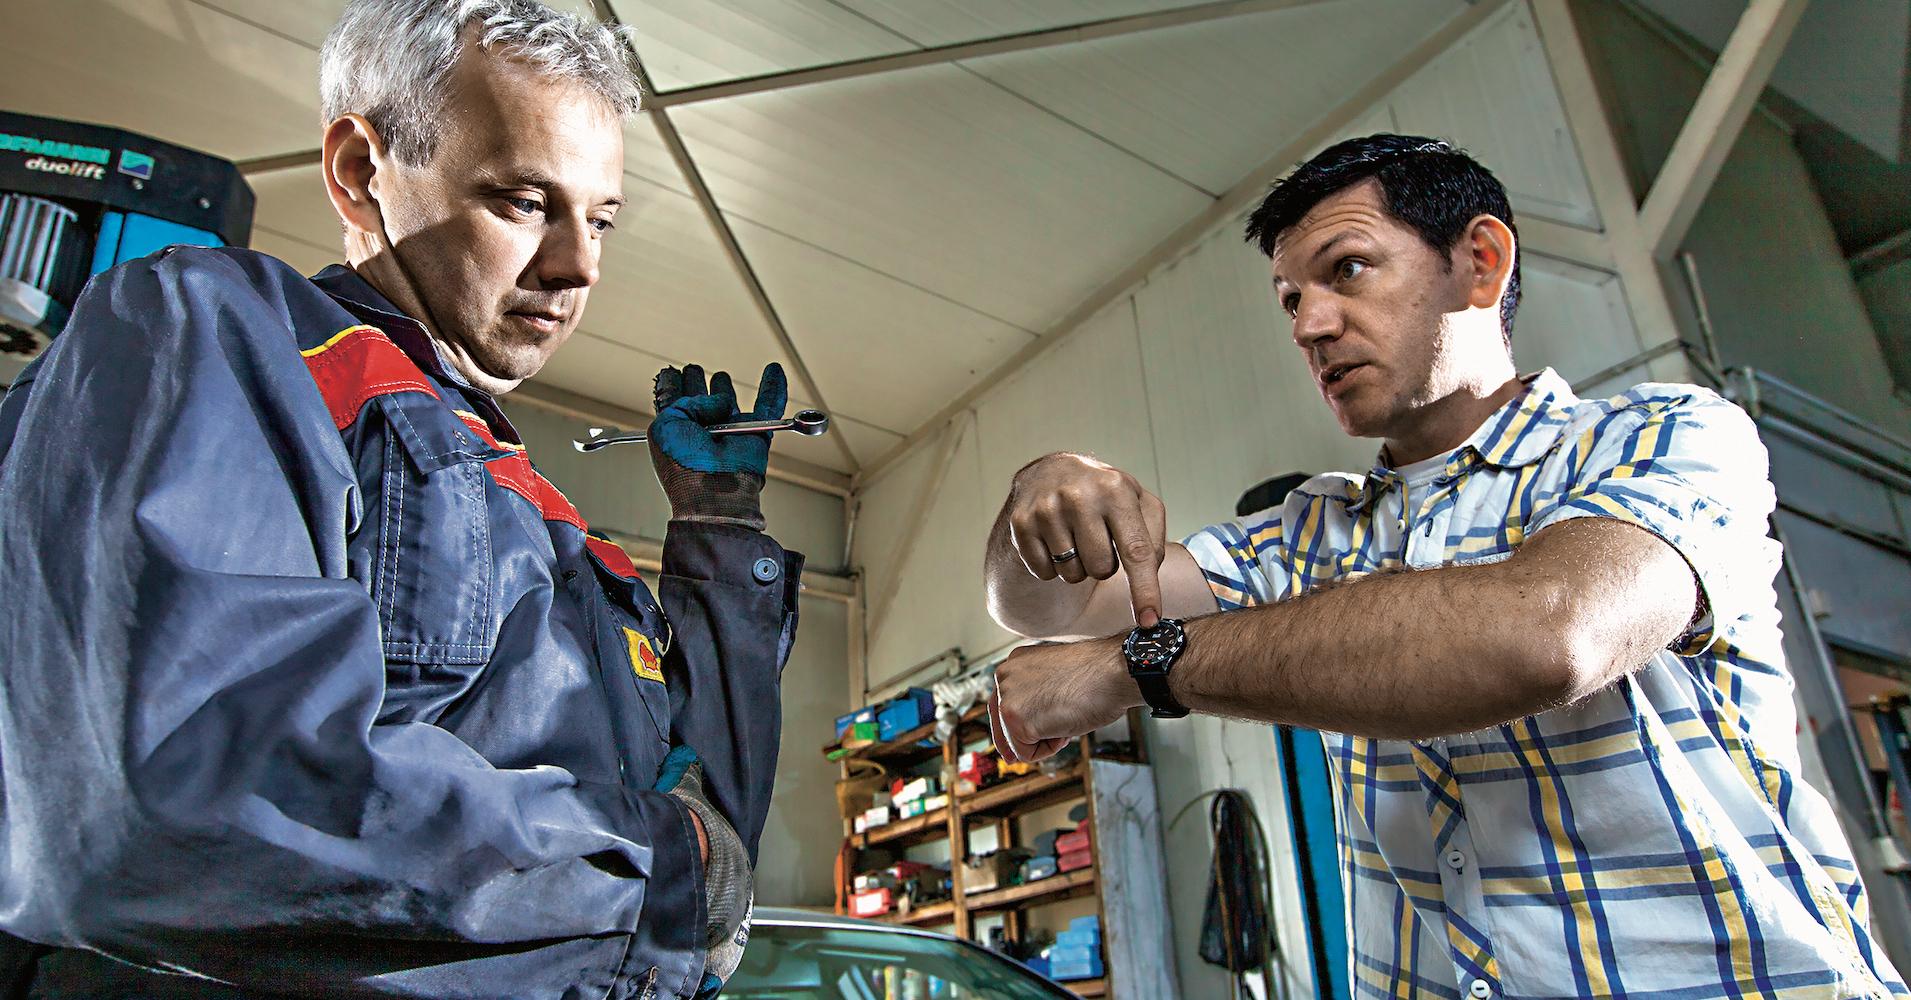 klient pokazuje nazegarek mechanikowi